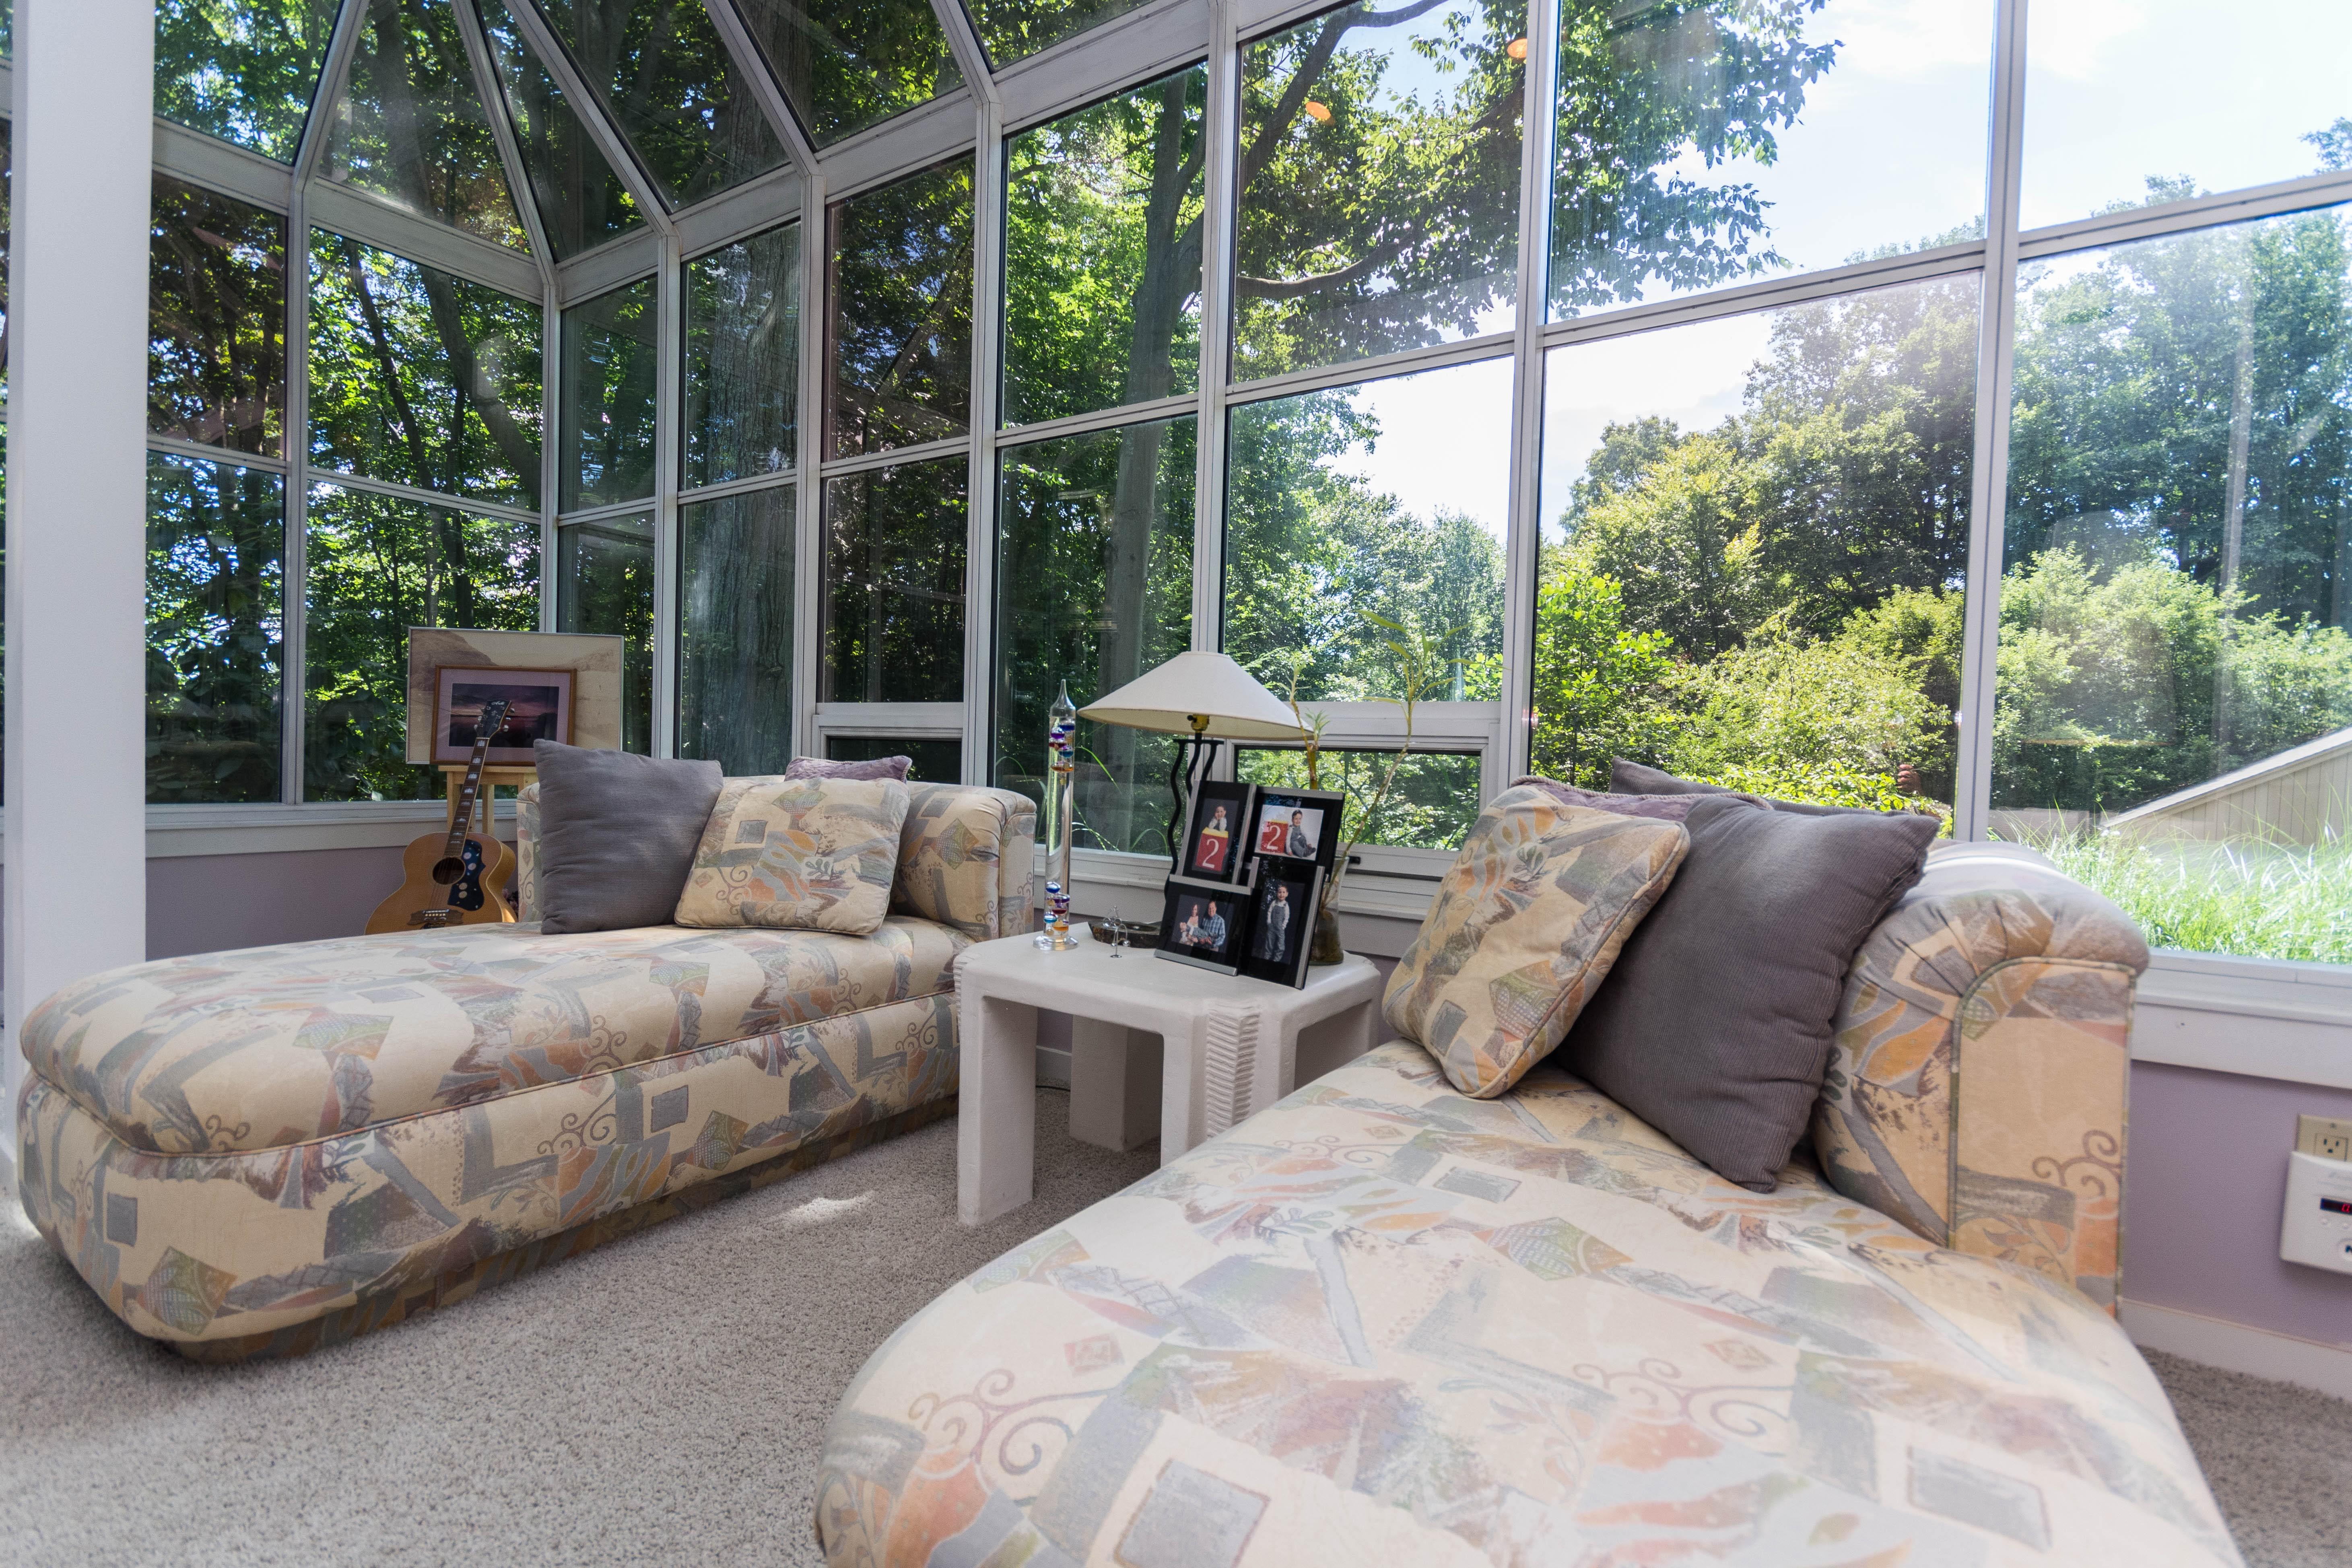 Частный односемейный дом для того Продажа на Custom Built Home 100 Ferndale Drive Easton, Коннектикут 06612 Соединенные Штаты